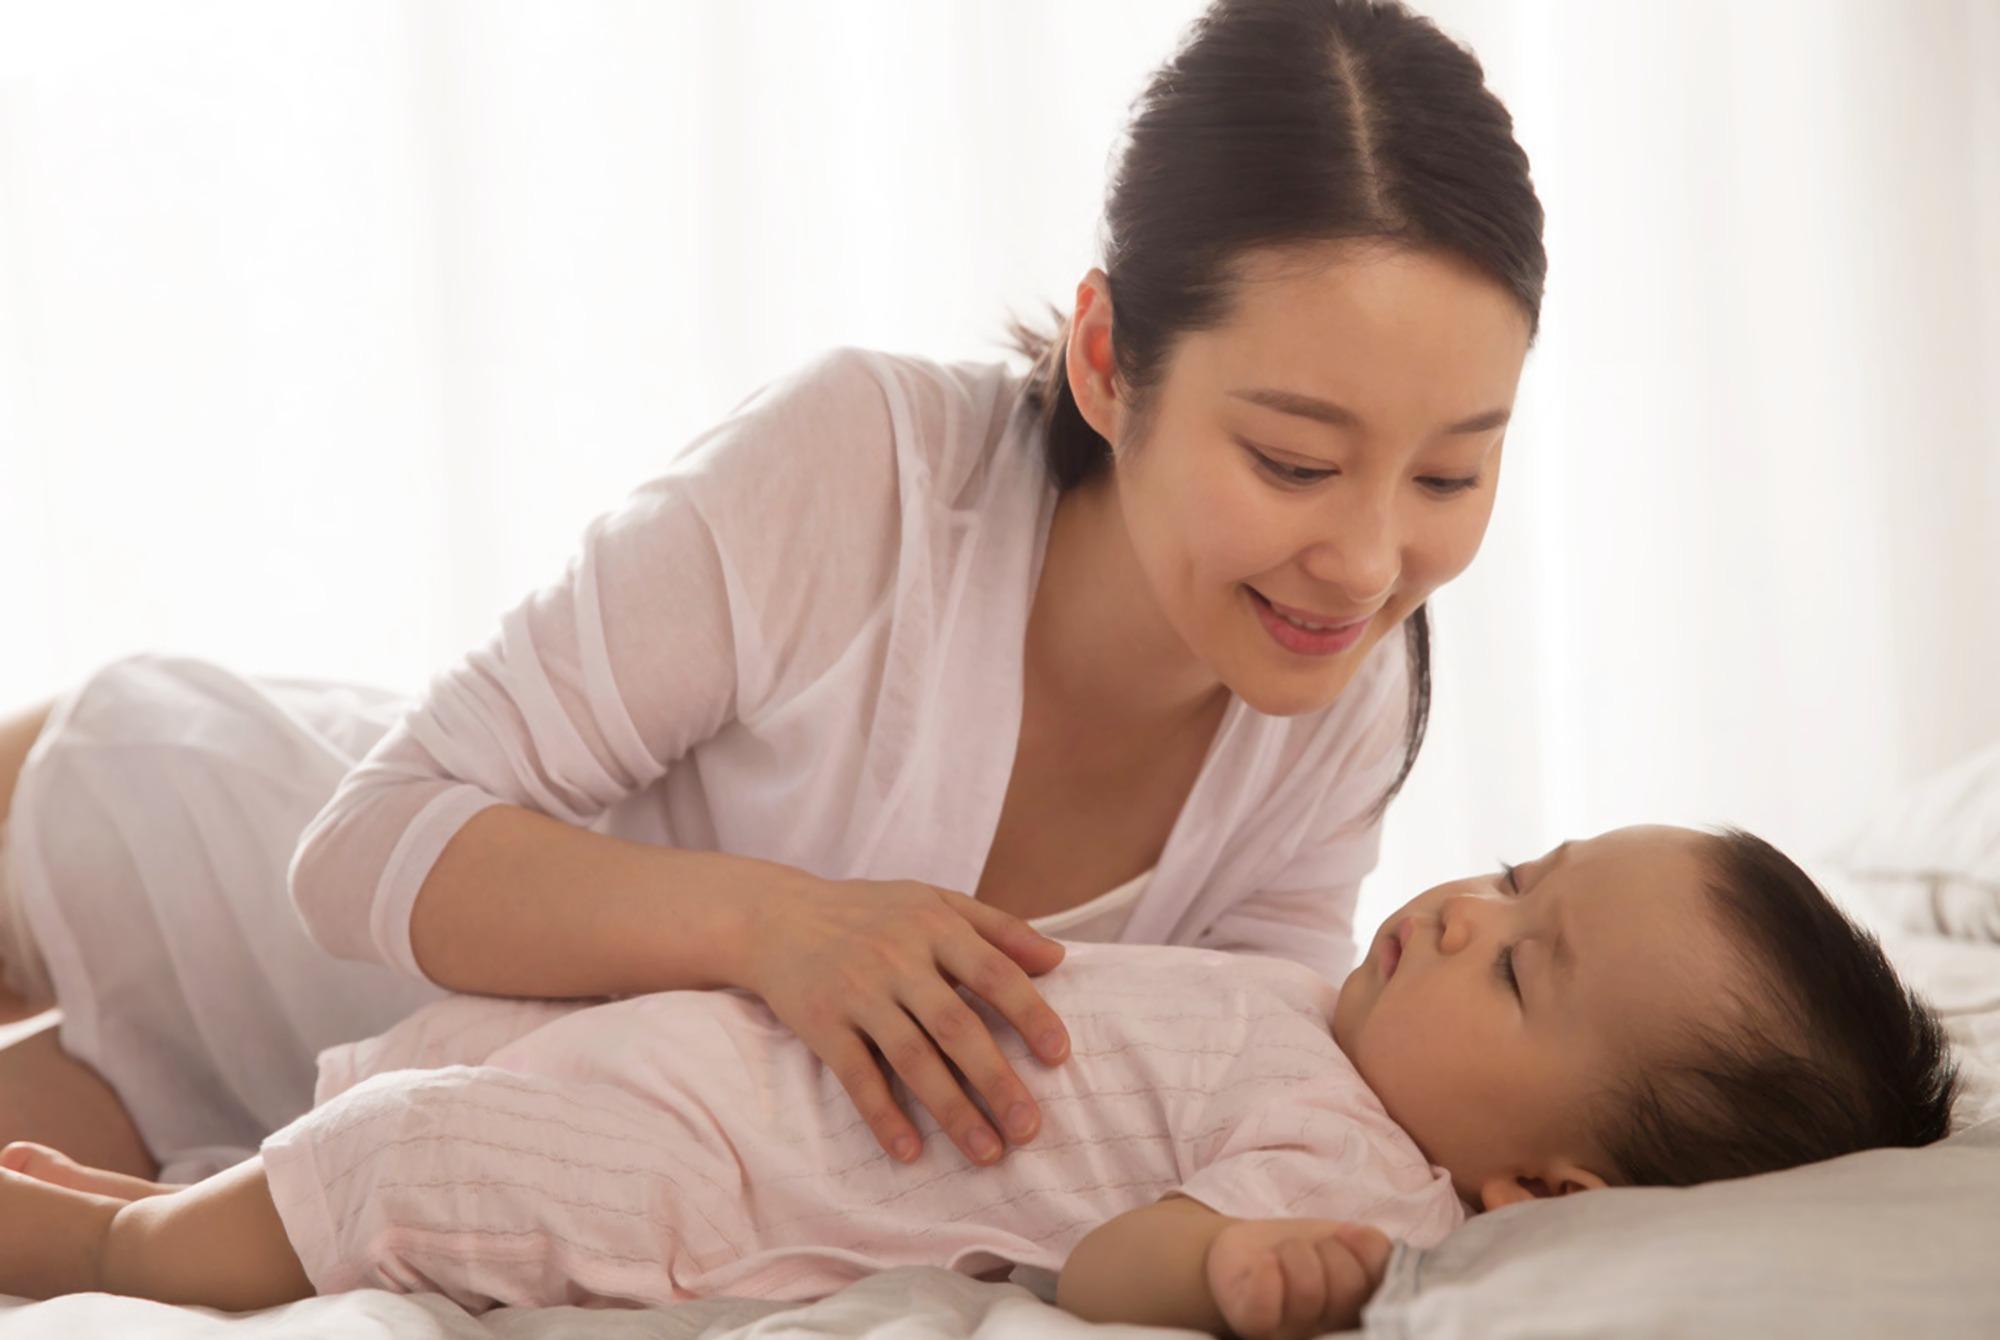 """娃一抱就著一放就醒?哪有天生小""""睡渣"""",是新手媽媽沒摸清門道"""